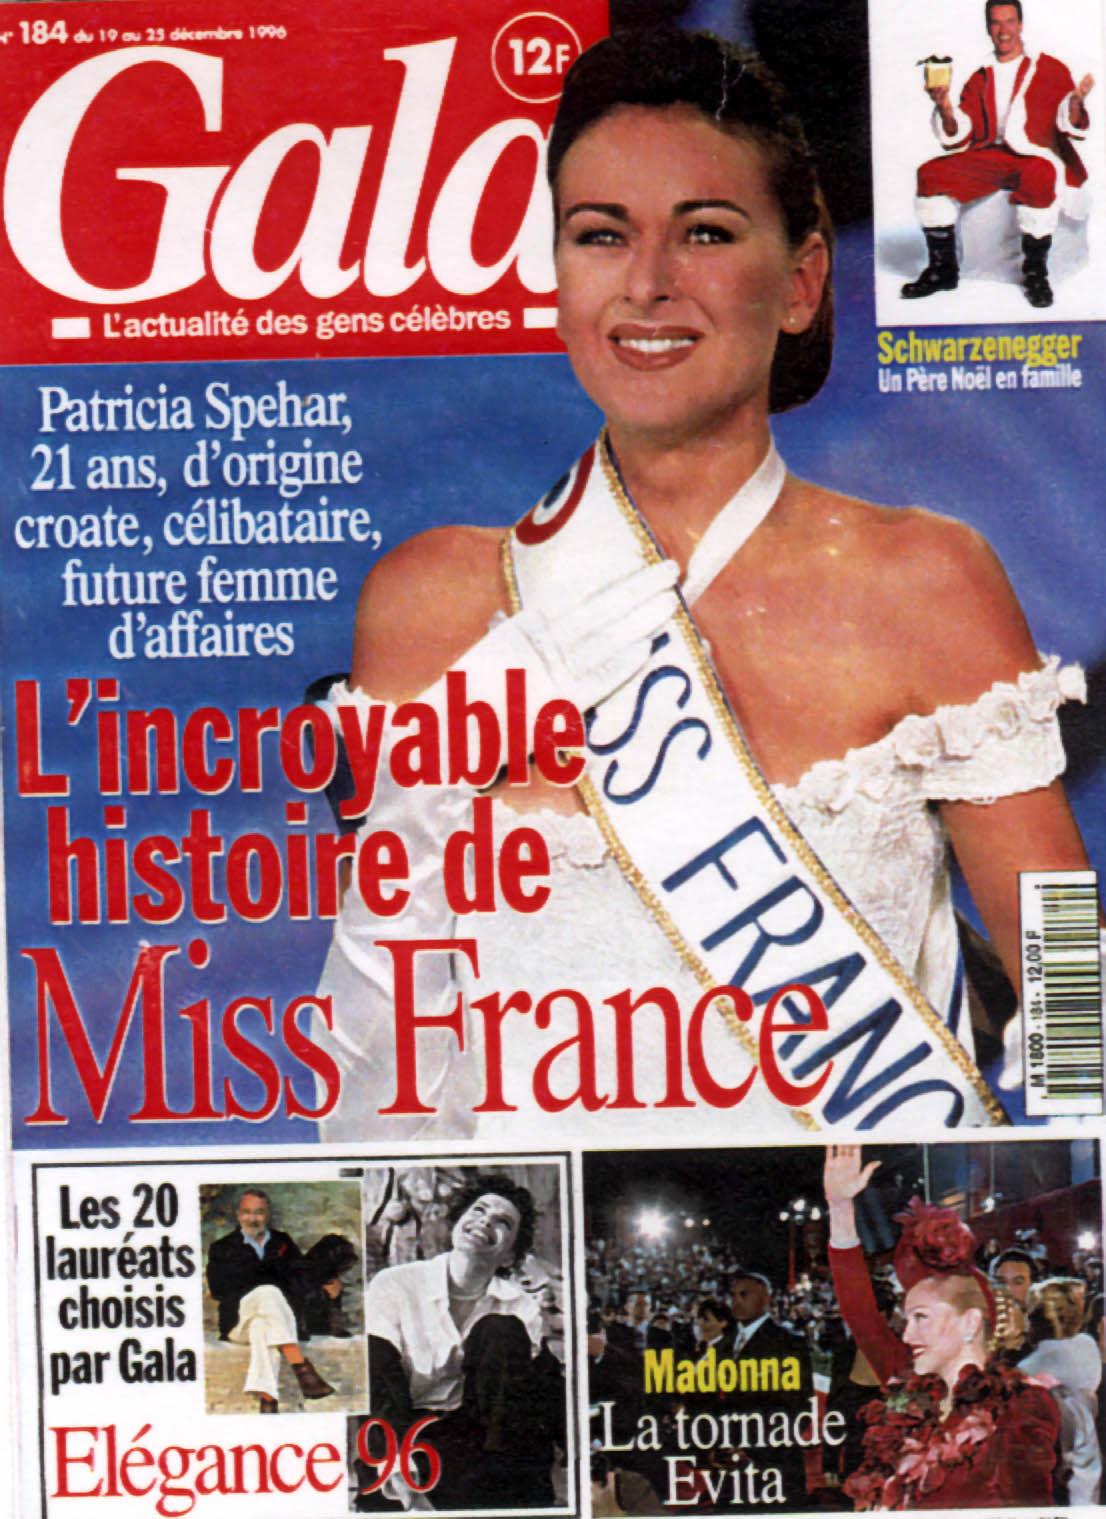 1996 Gala-Dec96-Couve.jpg